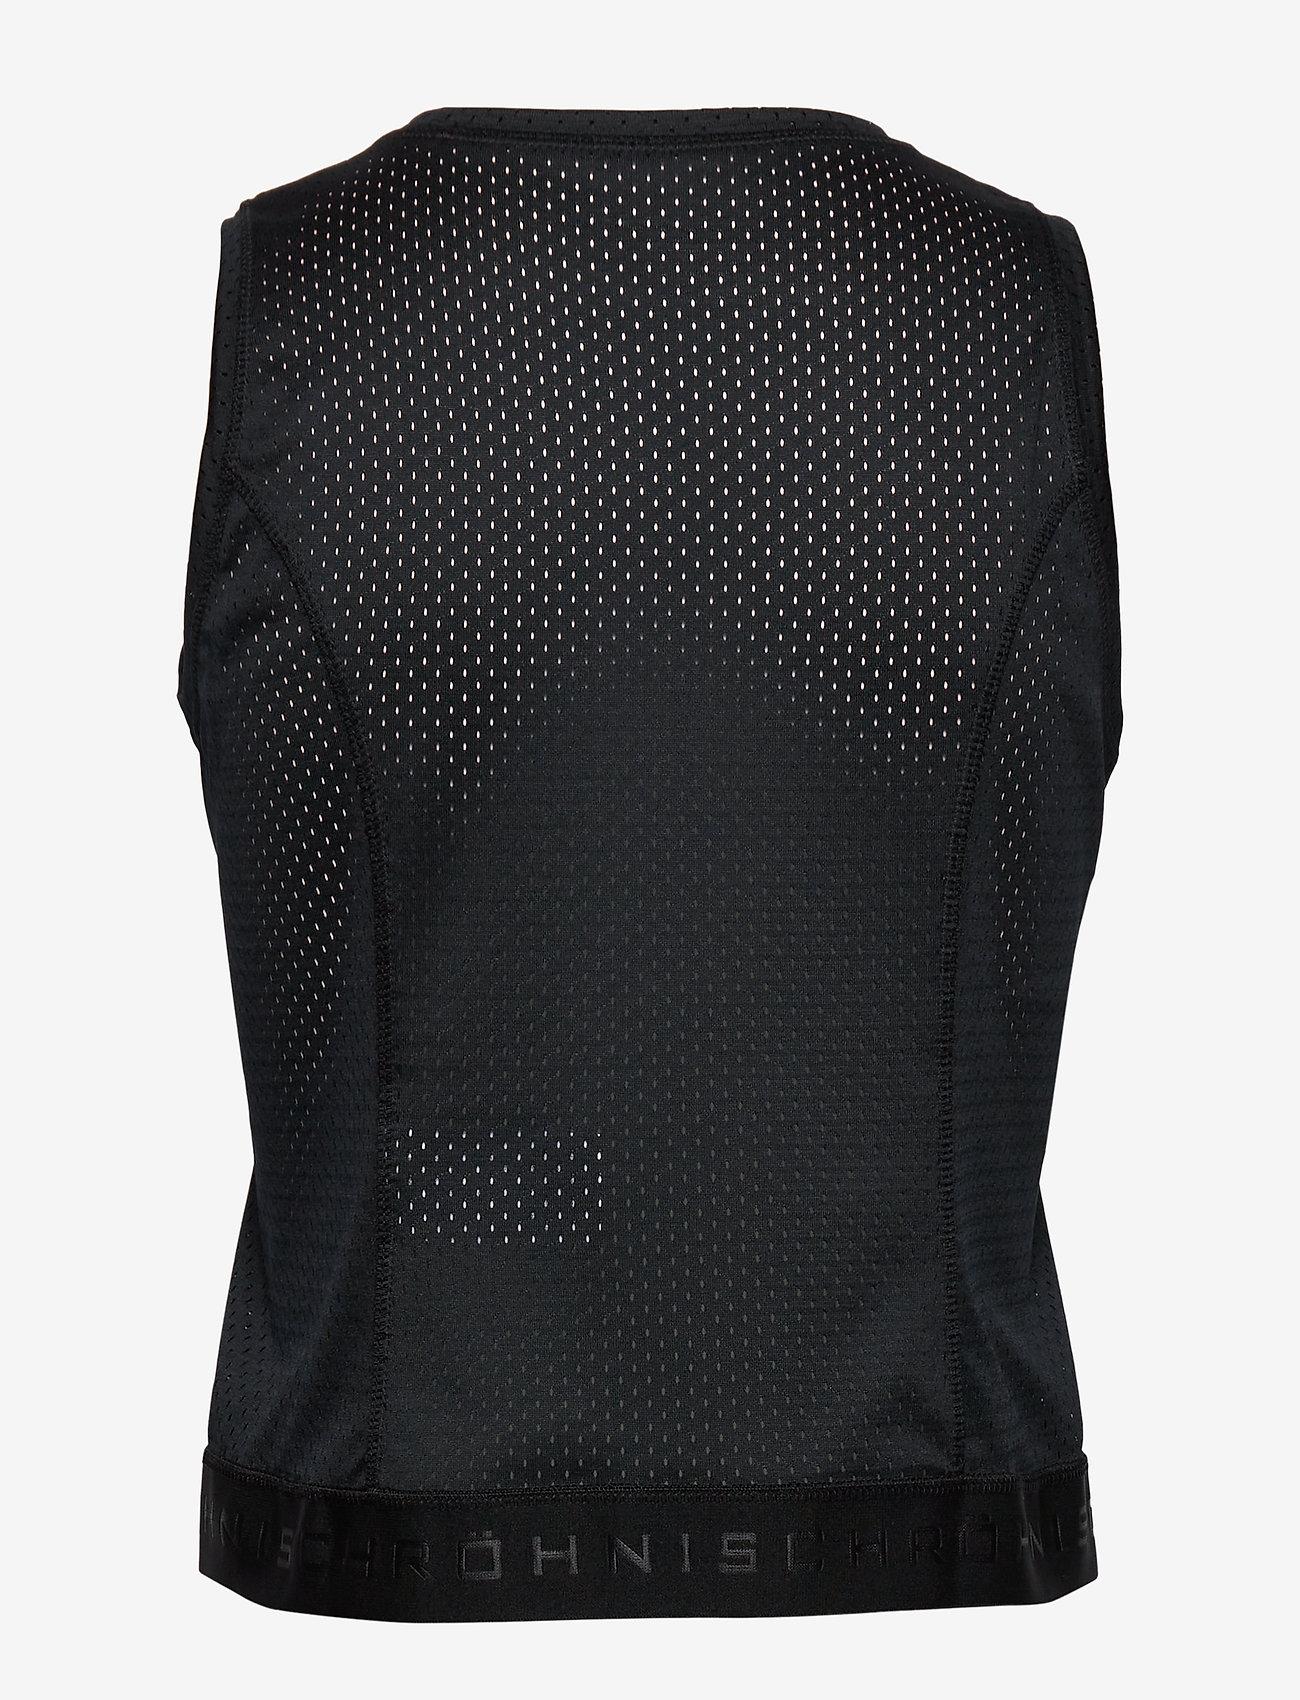 Mesh Short Top (Black) (23.97 €) - Röhnisch 7tPkd